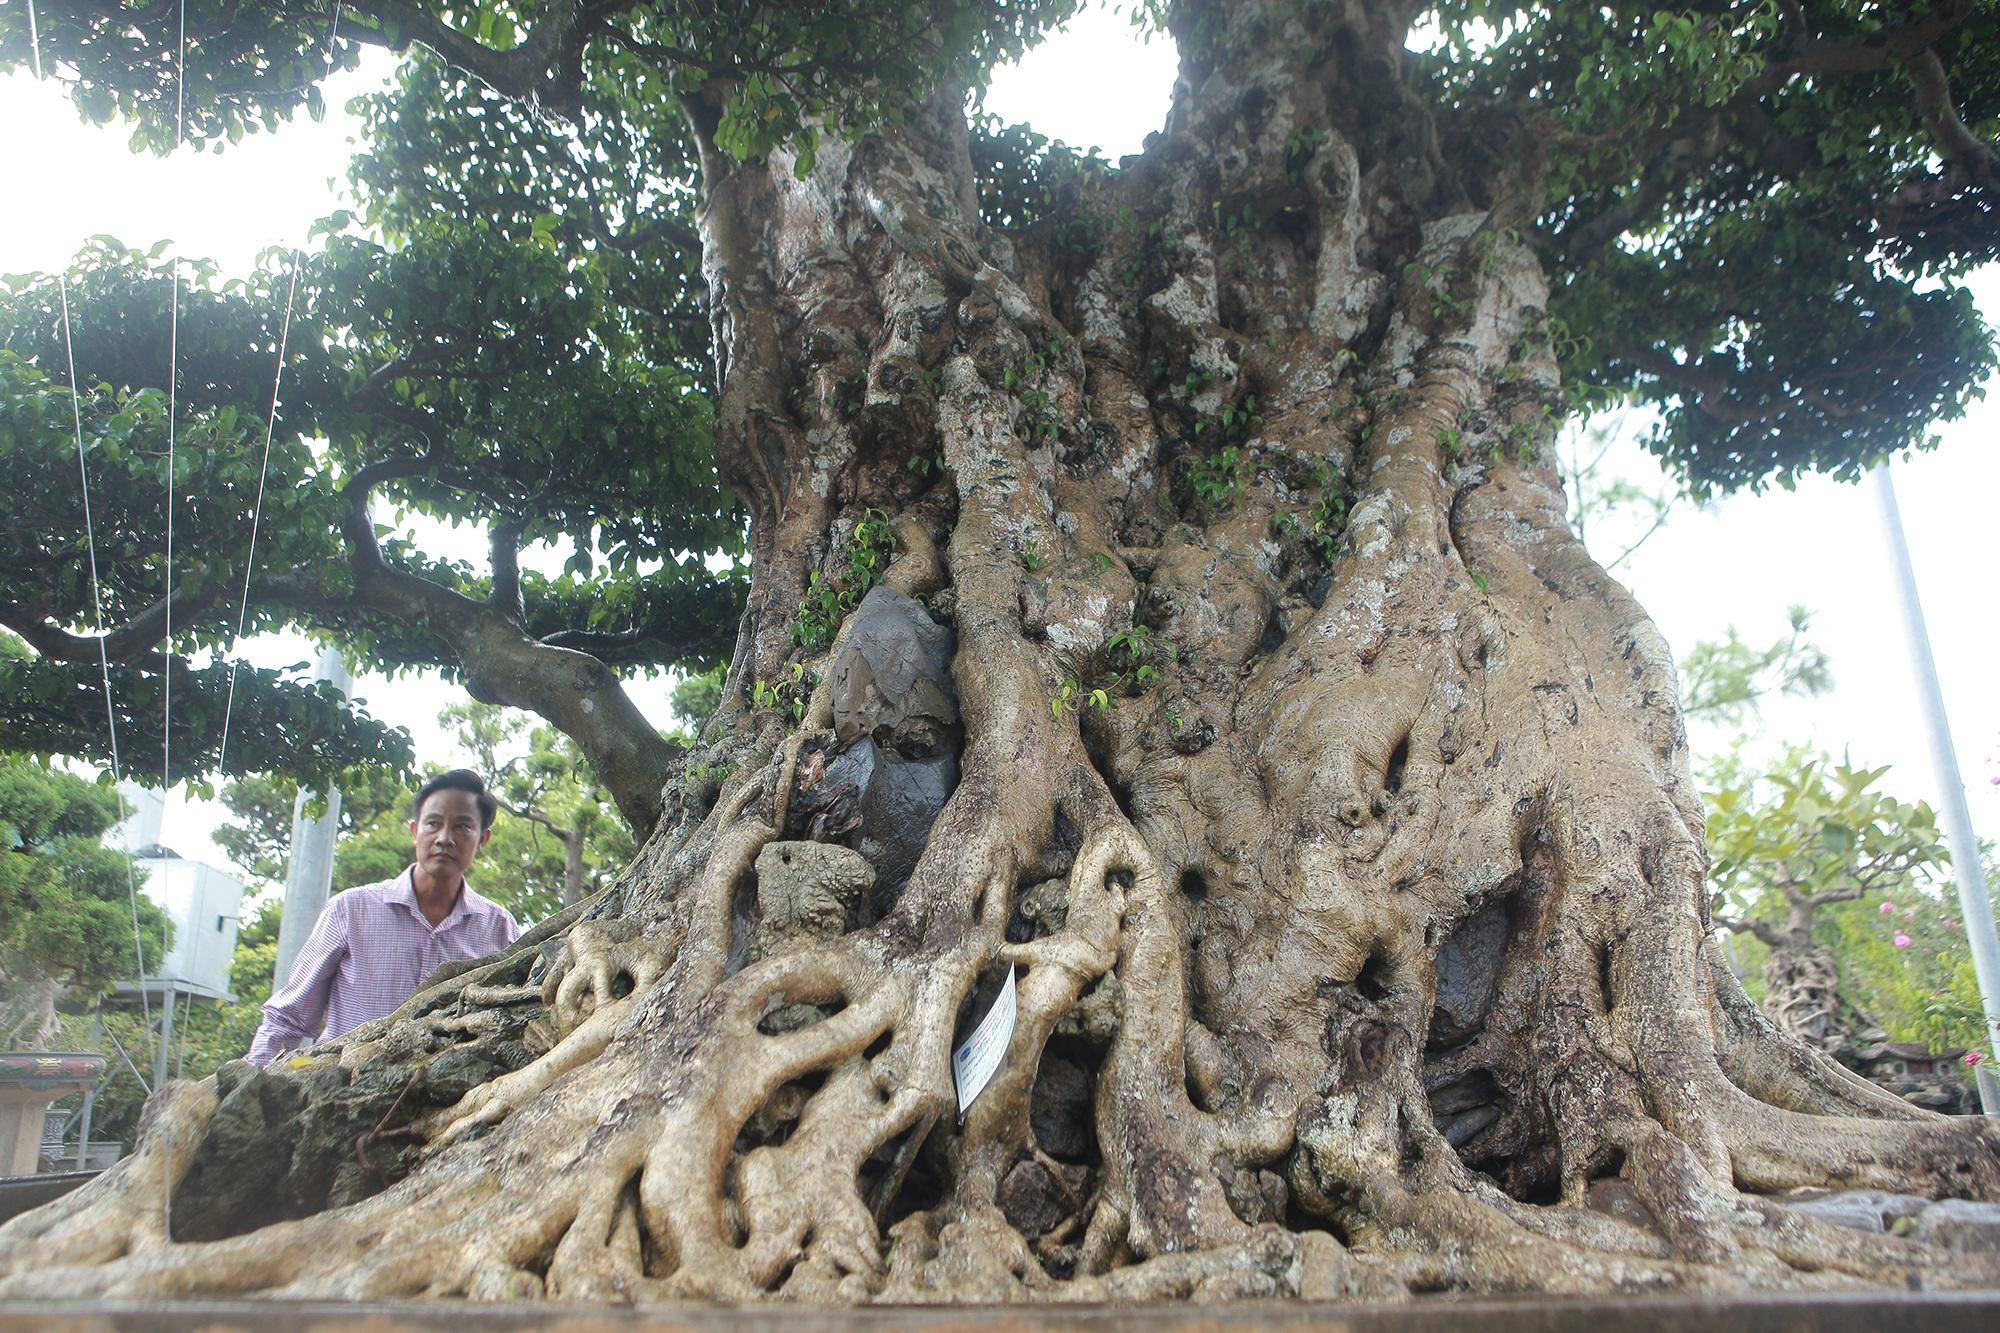 Ngọn cây sanh giá 28 tỷ đồng, vậy gốc cây đáng giá bao nhiêu? - 6